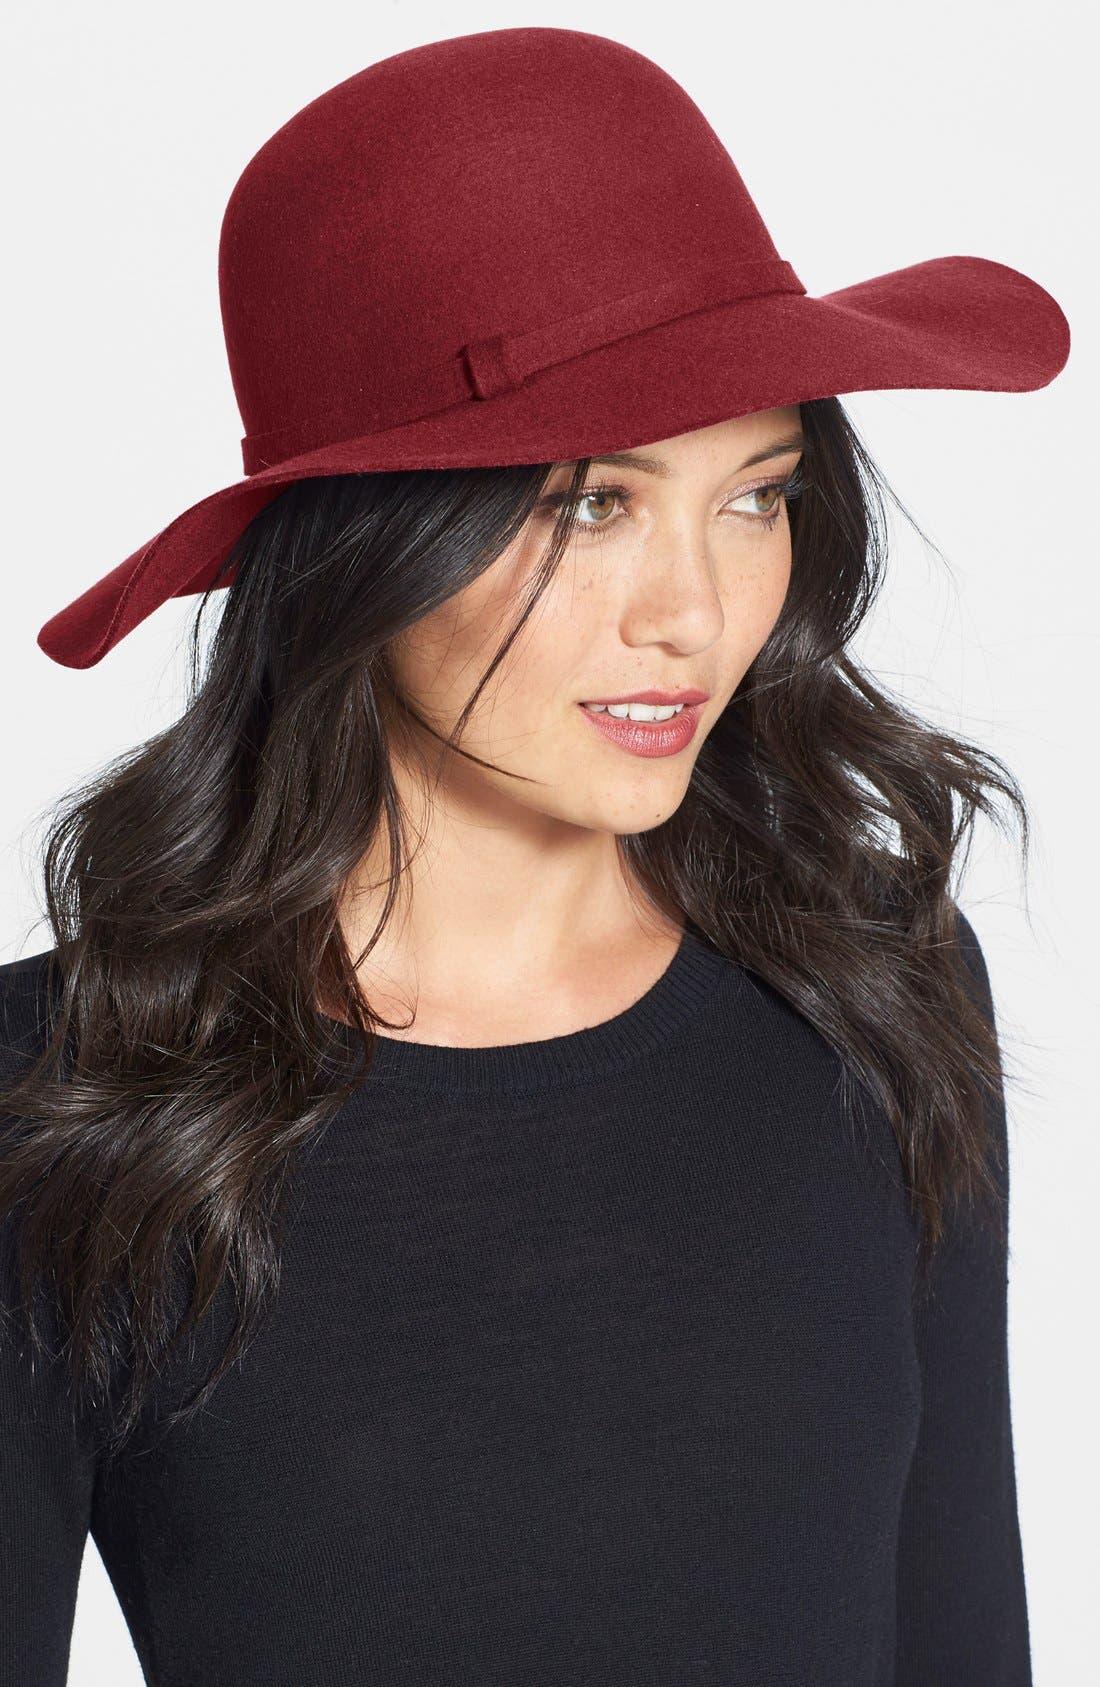 Main Image - Phase 3 Floppy Wool Hat